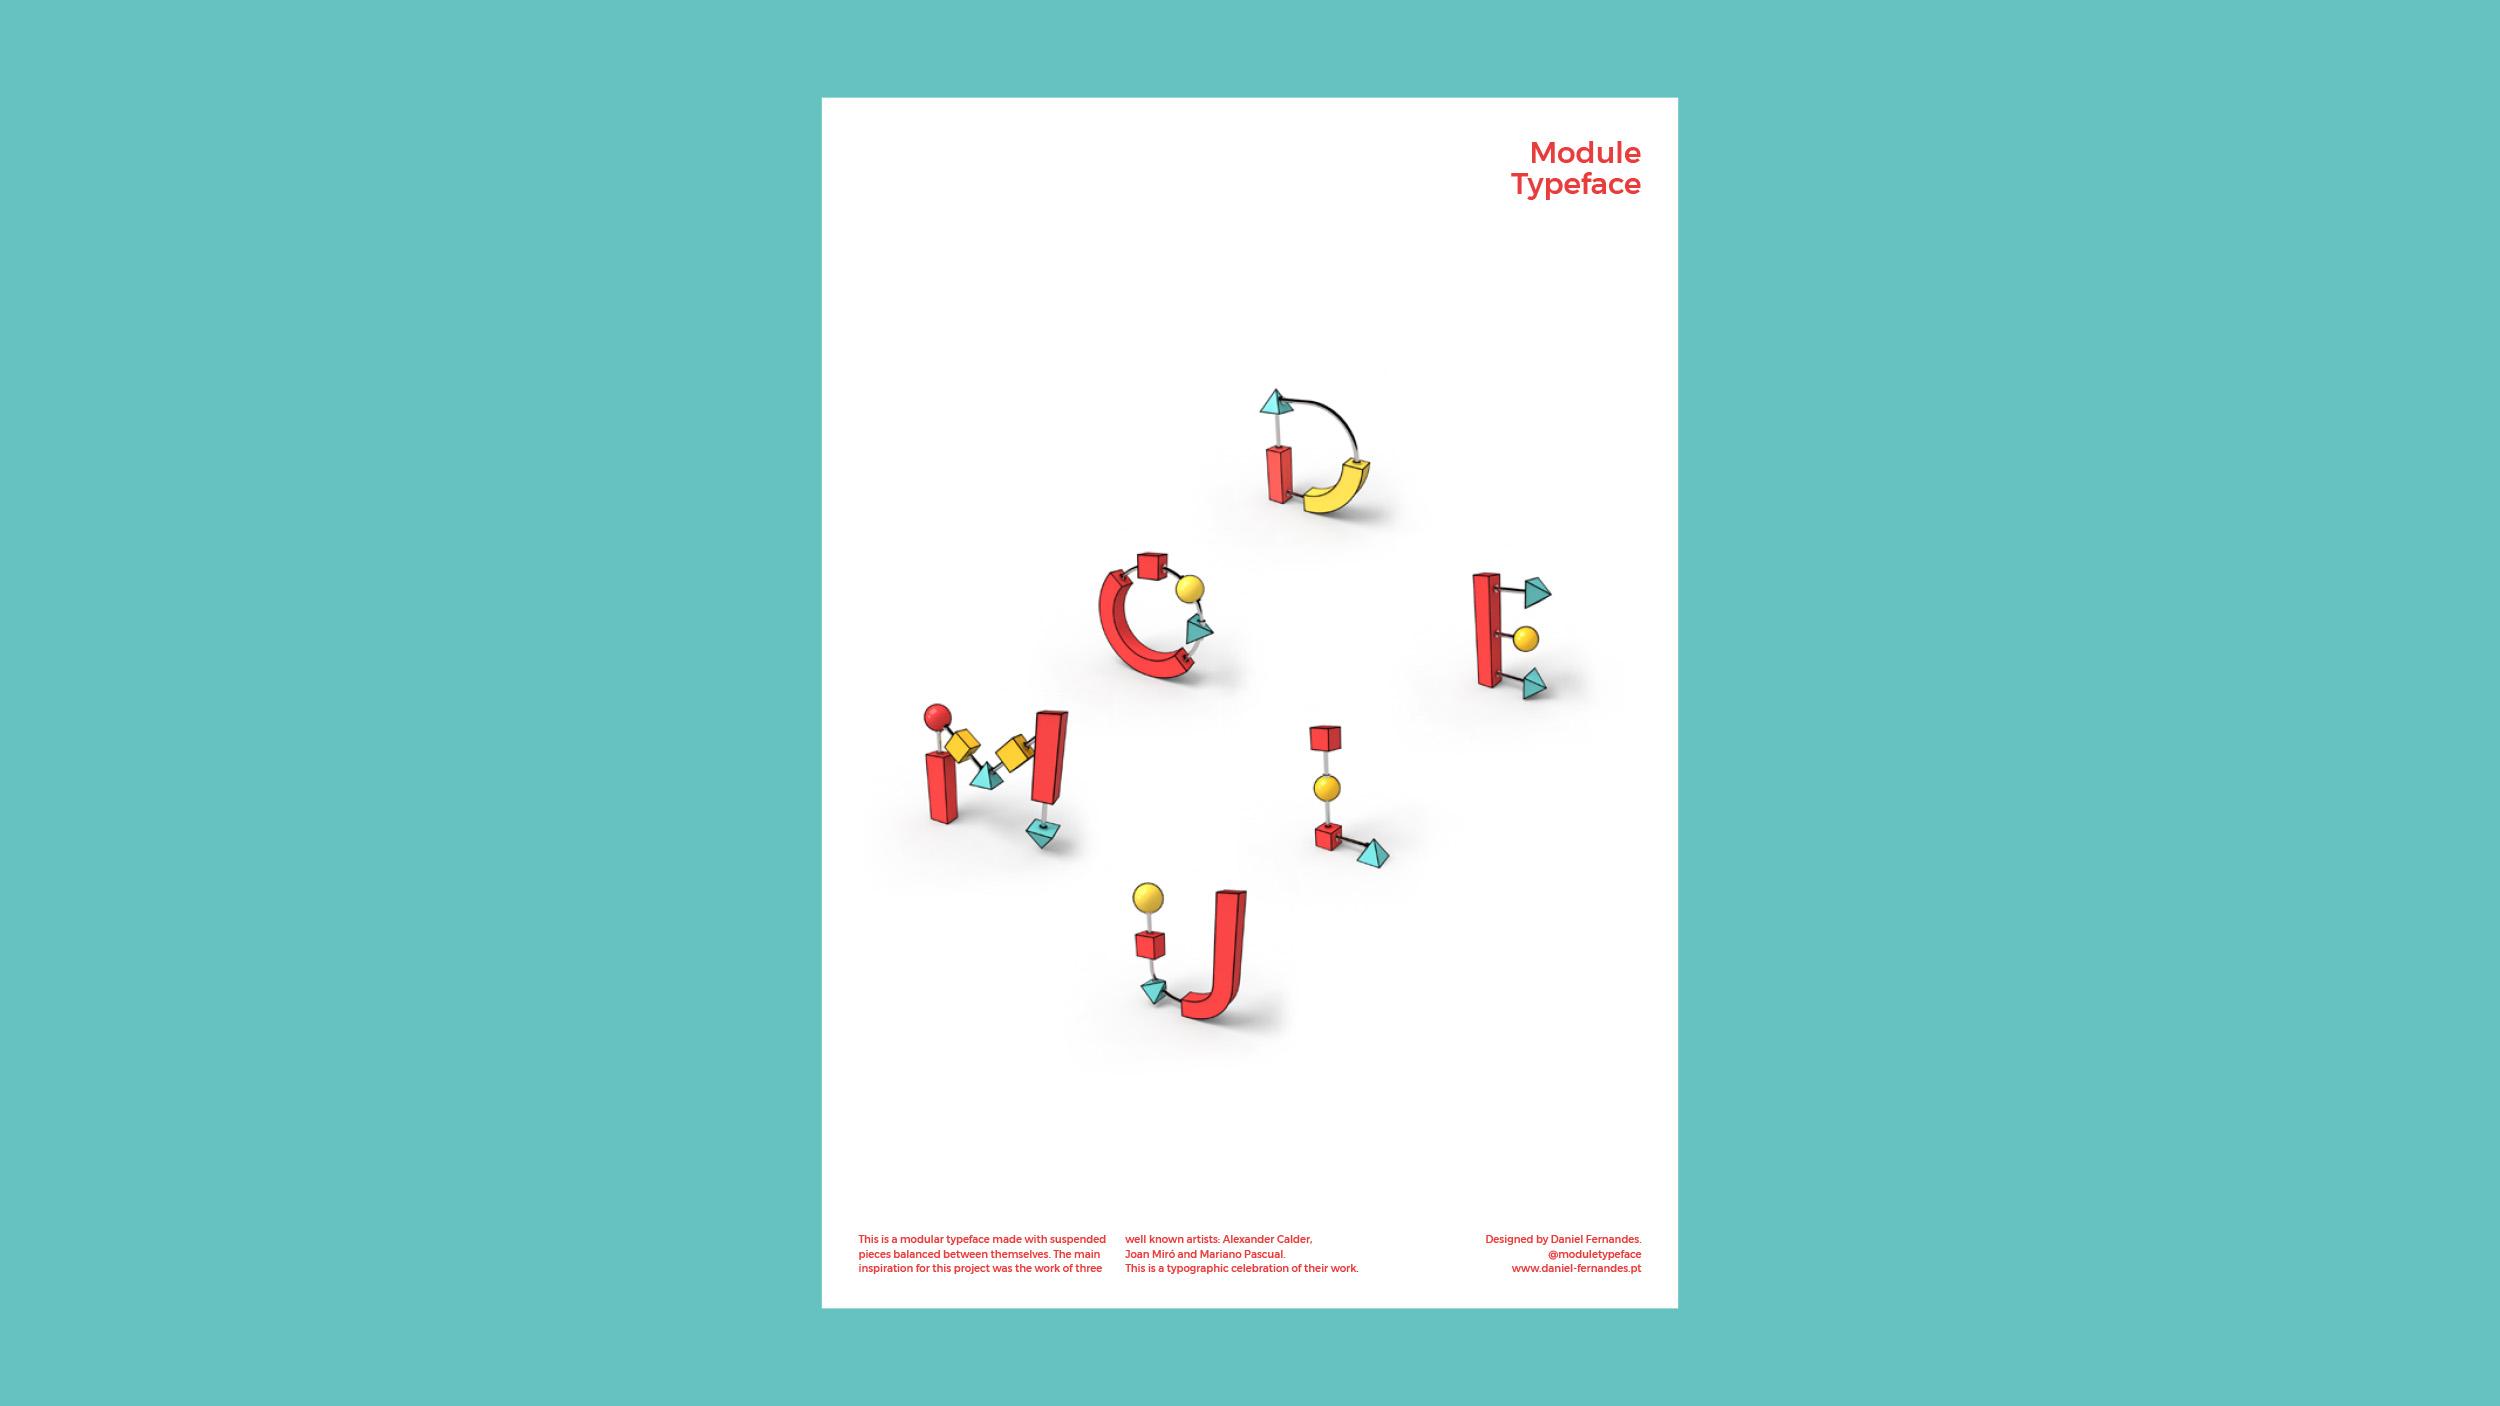 Module Typeface